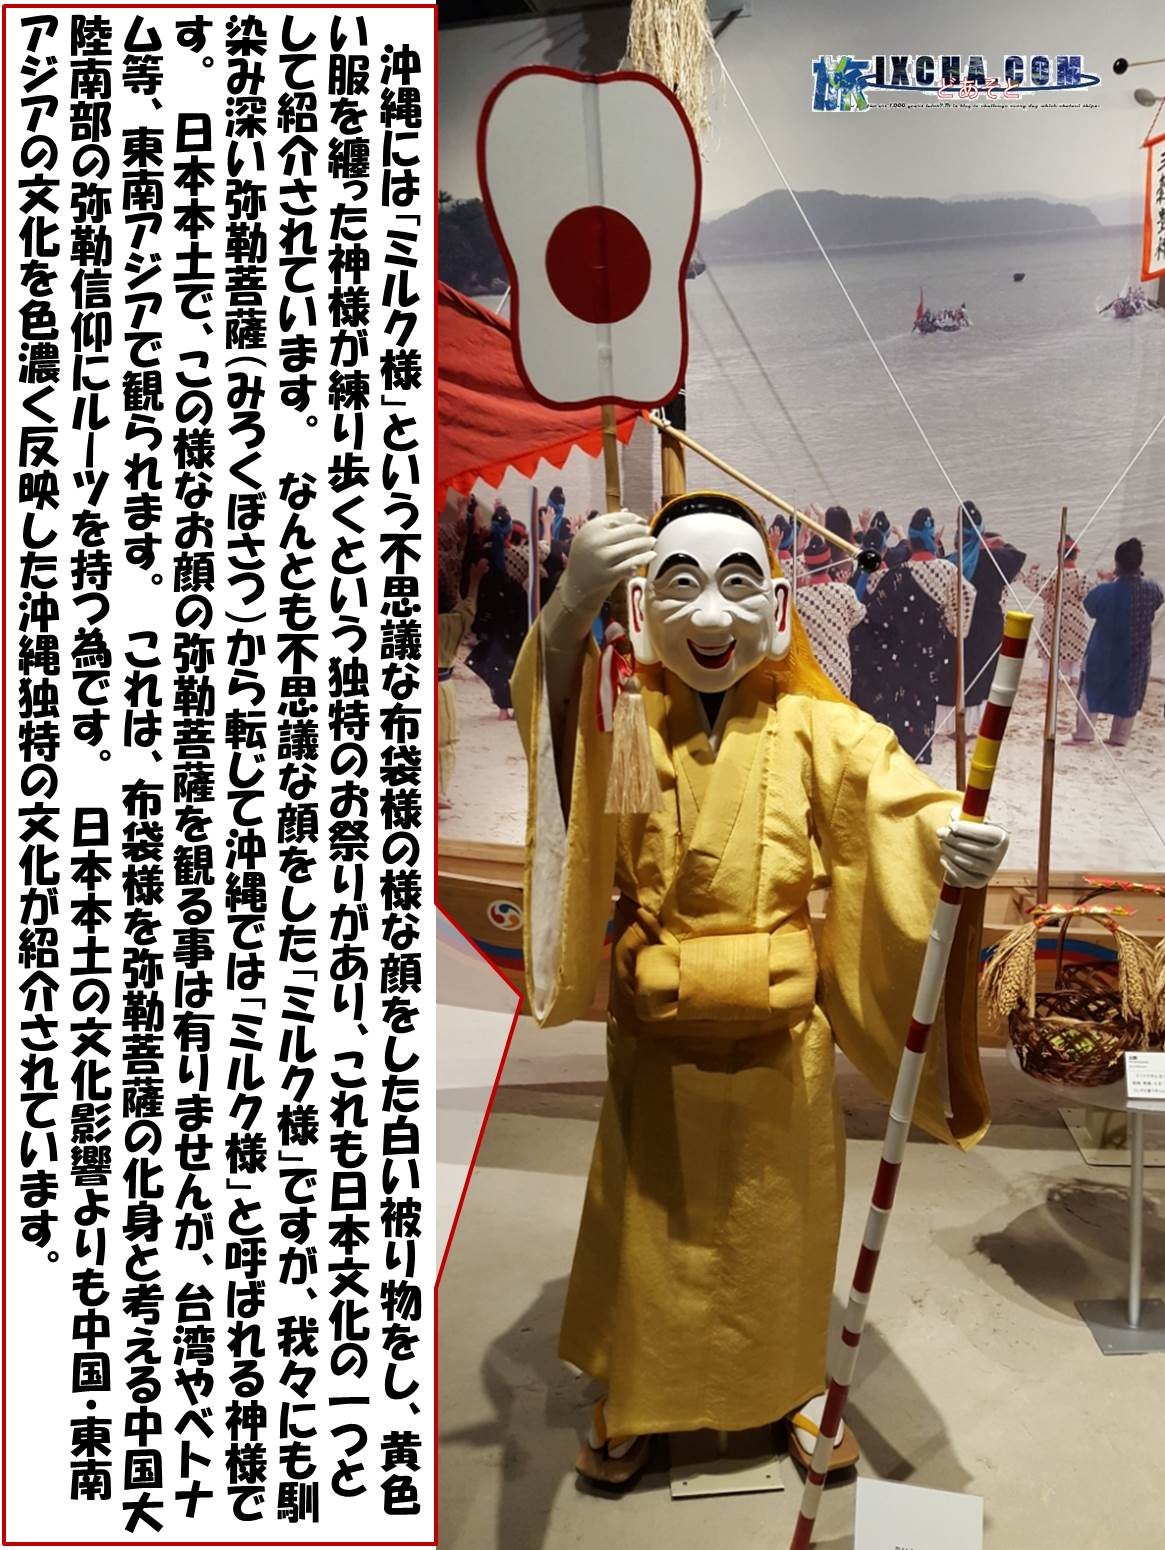 沖縄には「ミルク様」という不思議な布袋様の様な顔をした白い被り物をし、黄色い服を纏った神様が練り歩くという独特のお祭りがあり、これも日本文化の一つとして紹介されています。 なんとも不思議な顔をした「ミルク様」ですが、我々にも馴染み深い弥勒菩薩(みろくぼさつ)から転じて沖縄では「ミルク様」と呼ばれる神様です。 日本本土で、この様なお顔の弥勒菩薩を観る事は有りませんが、台湾やベトナム等、東南アジアで観られます。 これは、布袋様を弥勒菩薩の化身と考える中国大陸南部の弥勒信仰にルーツを持つ為です。 日本本土の文化影響よりも中国・東南アジアの文化を色濃く反映した沖縄独特の文化が紹介されています。